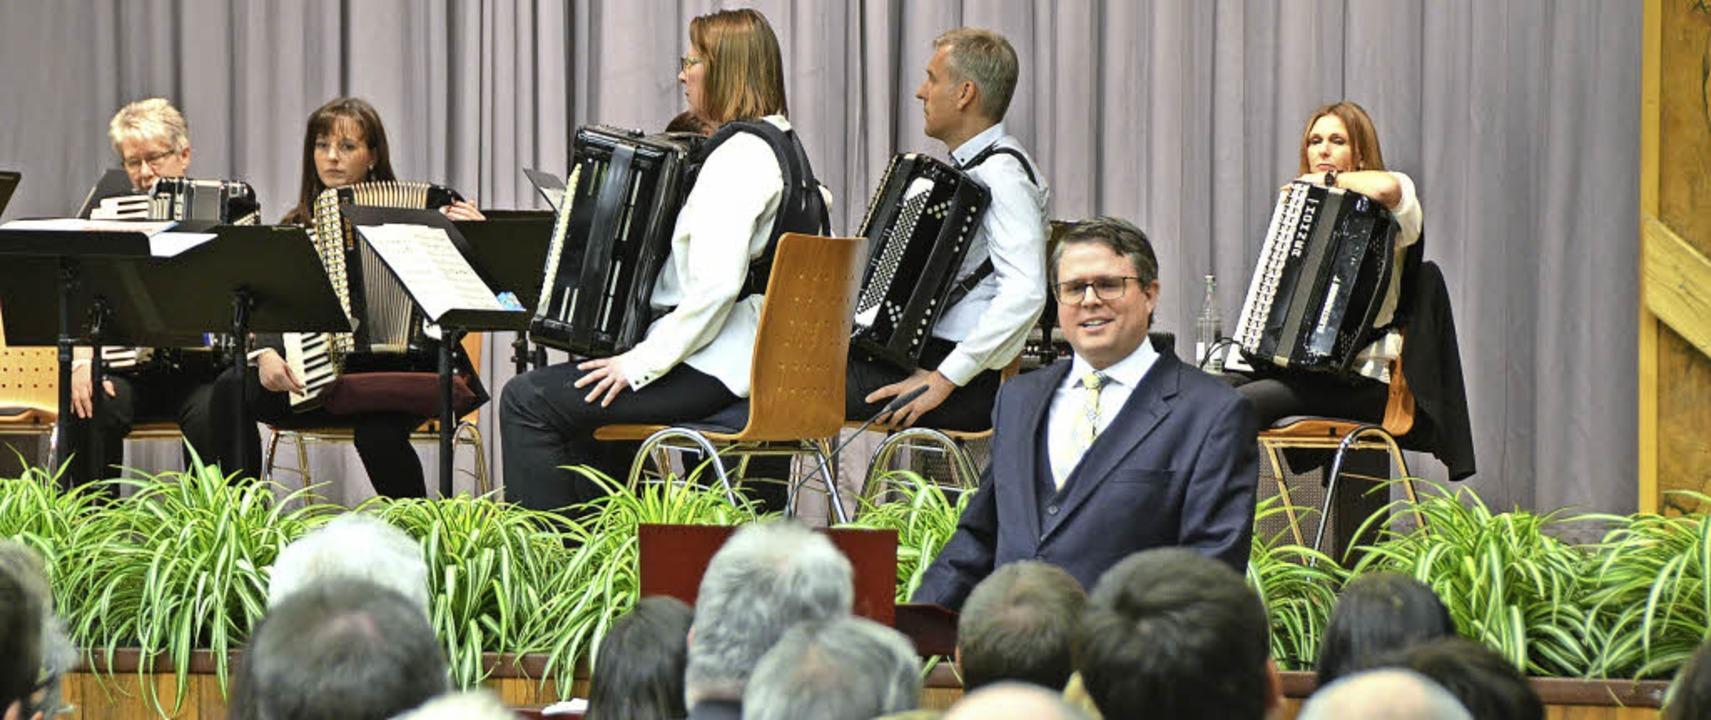 Neujahrsempfang Grenzach-Wyhlen 2017  | Foto: Ralf H. Dorweiler